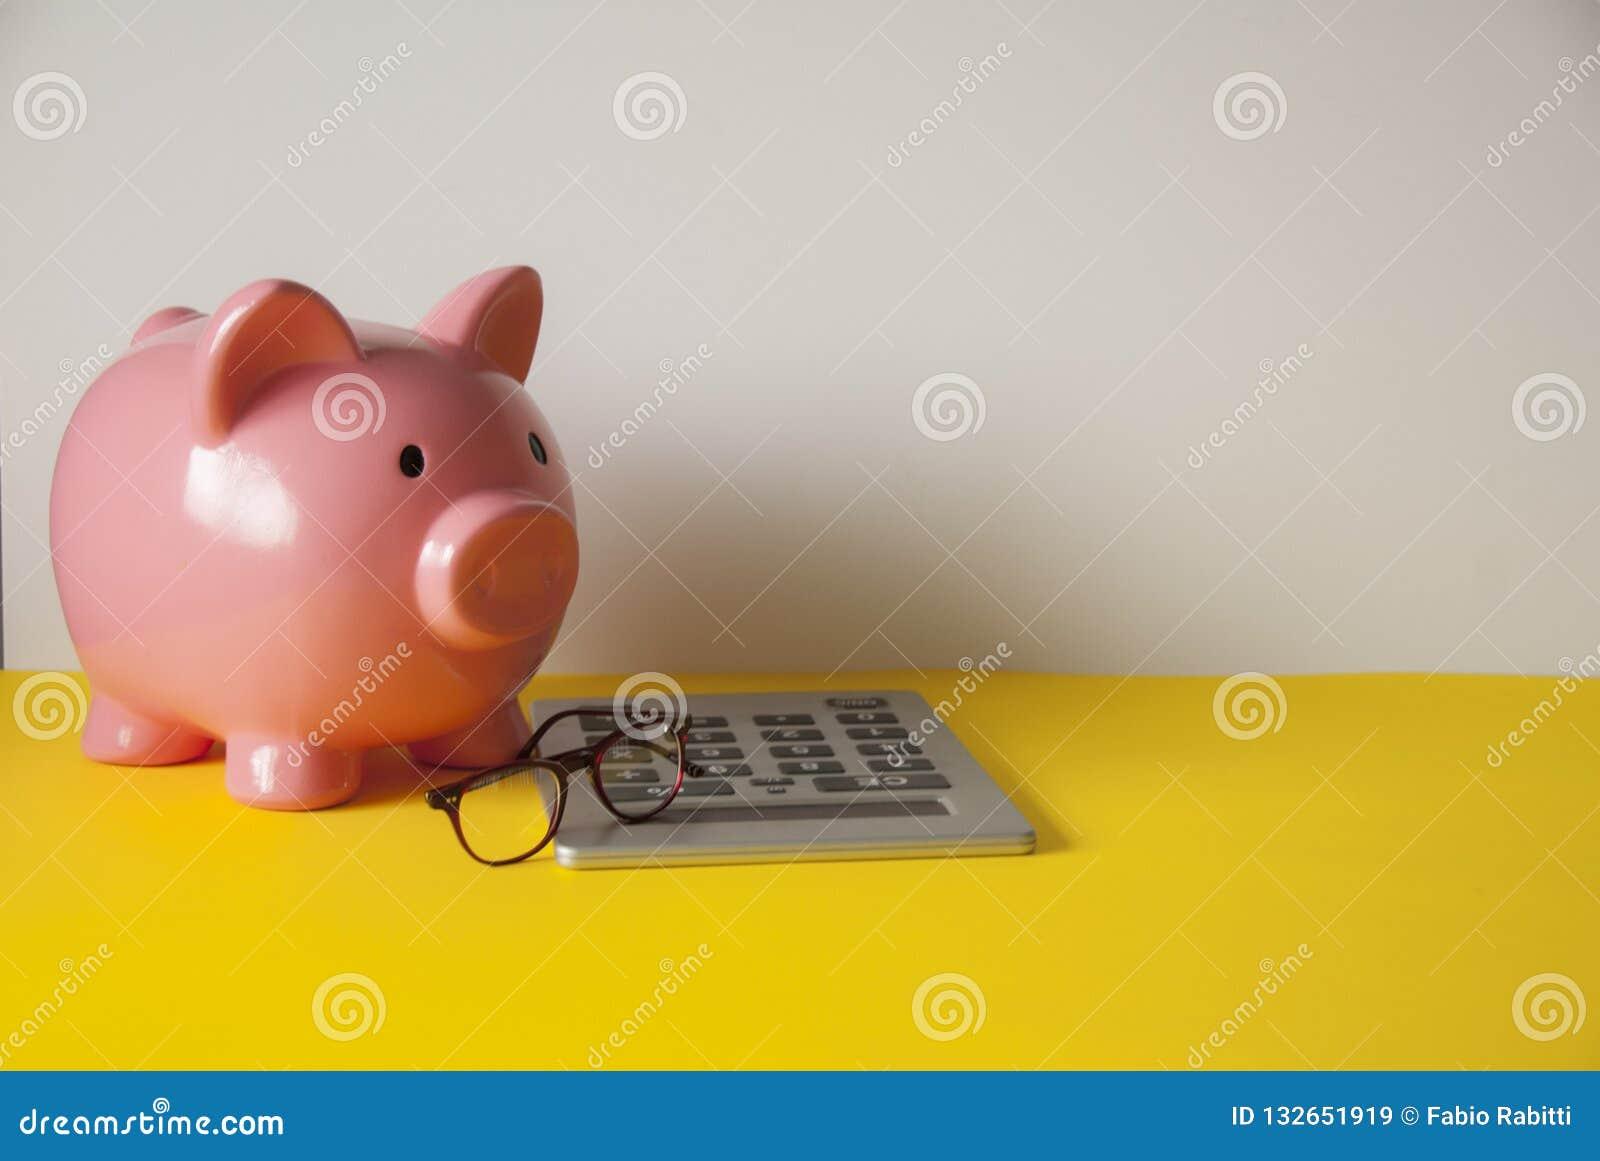 Handhaben Sie Ihre Einsparungen auf den richtigen Weg